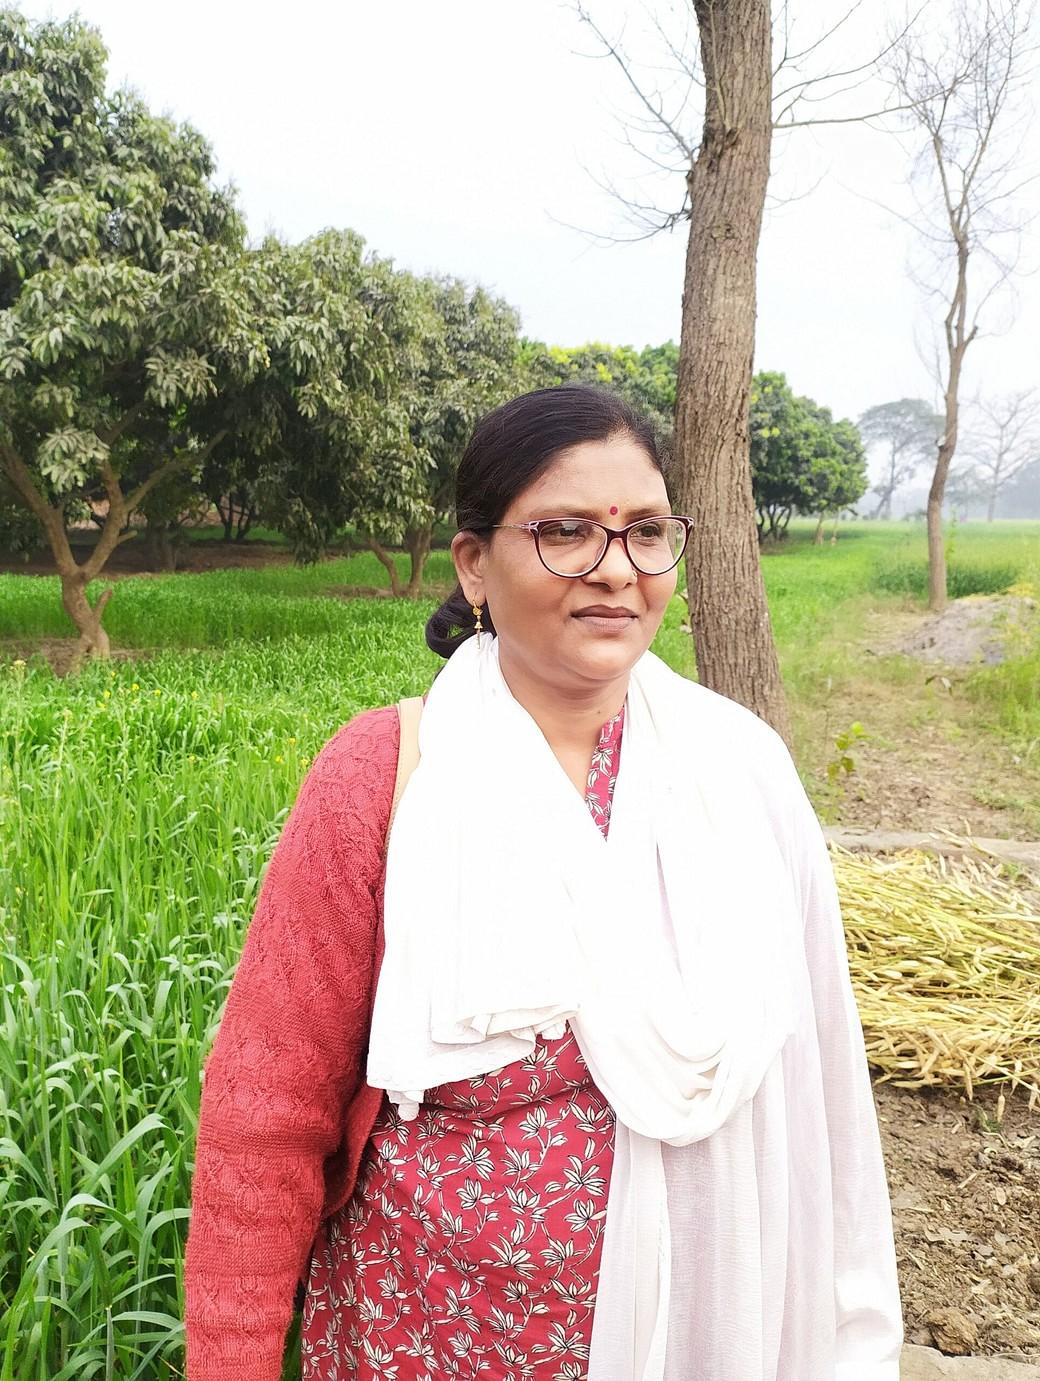 Reeta Kaushik